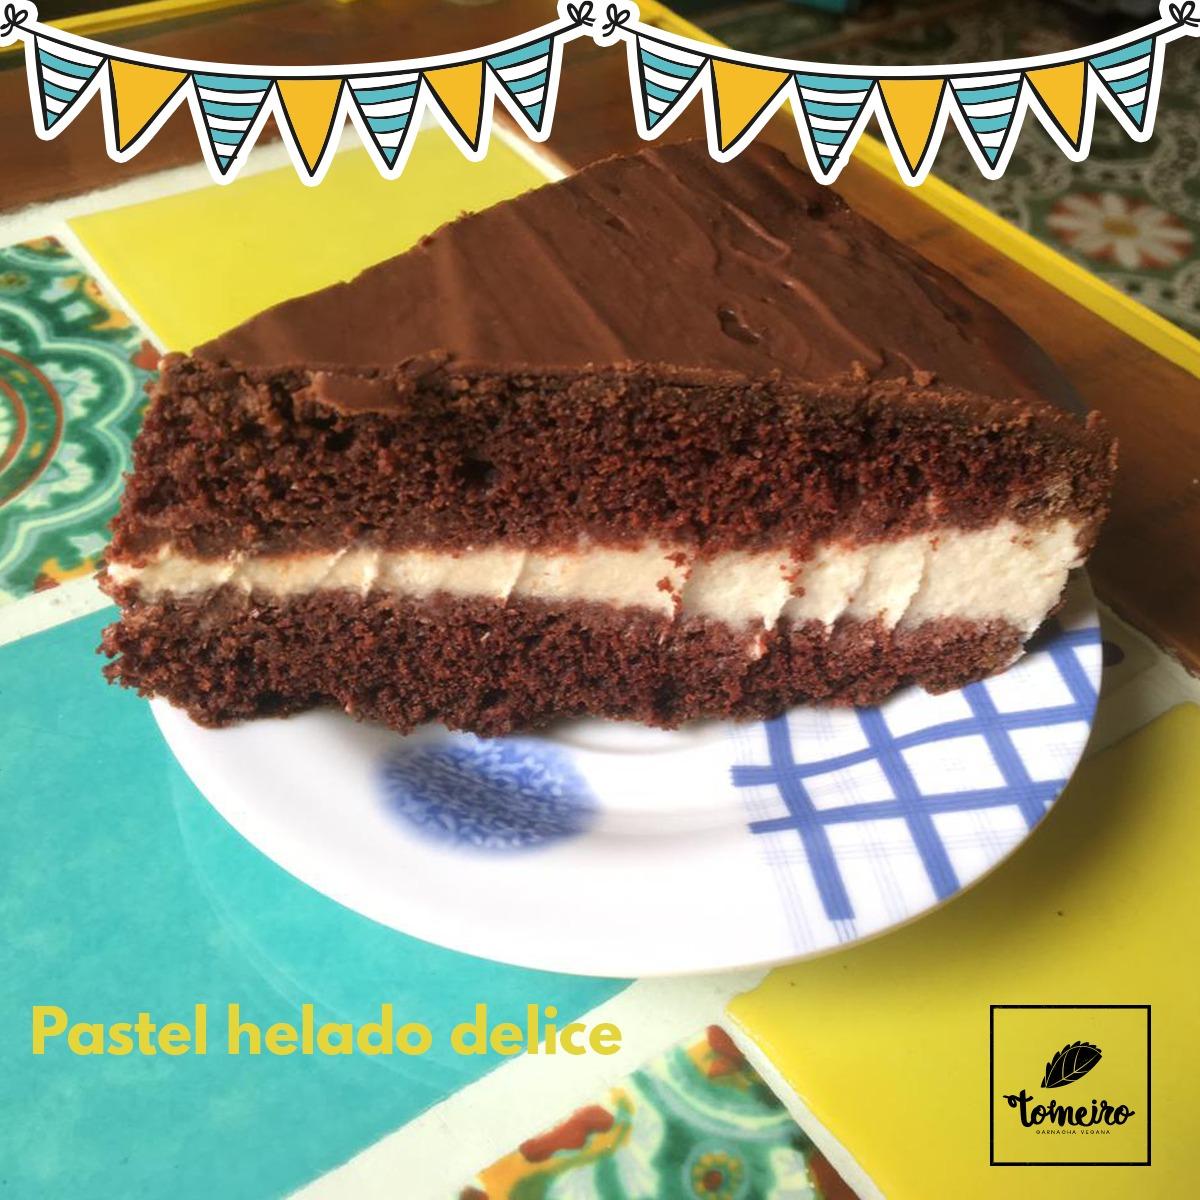 Pastel Helado Delice